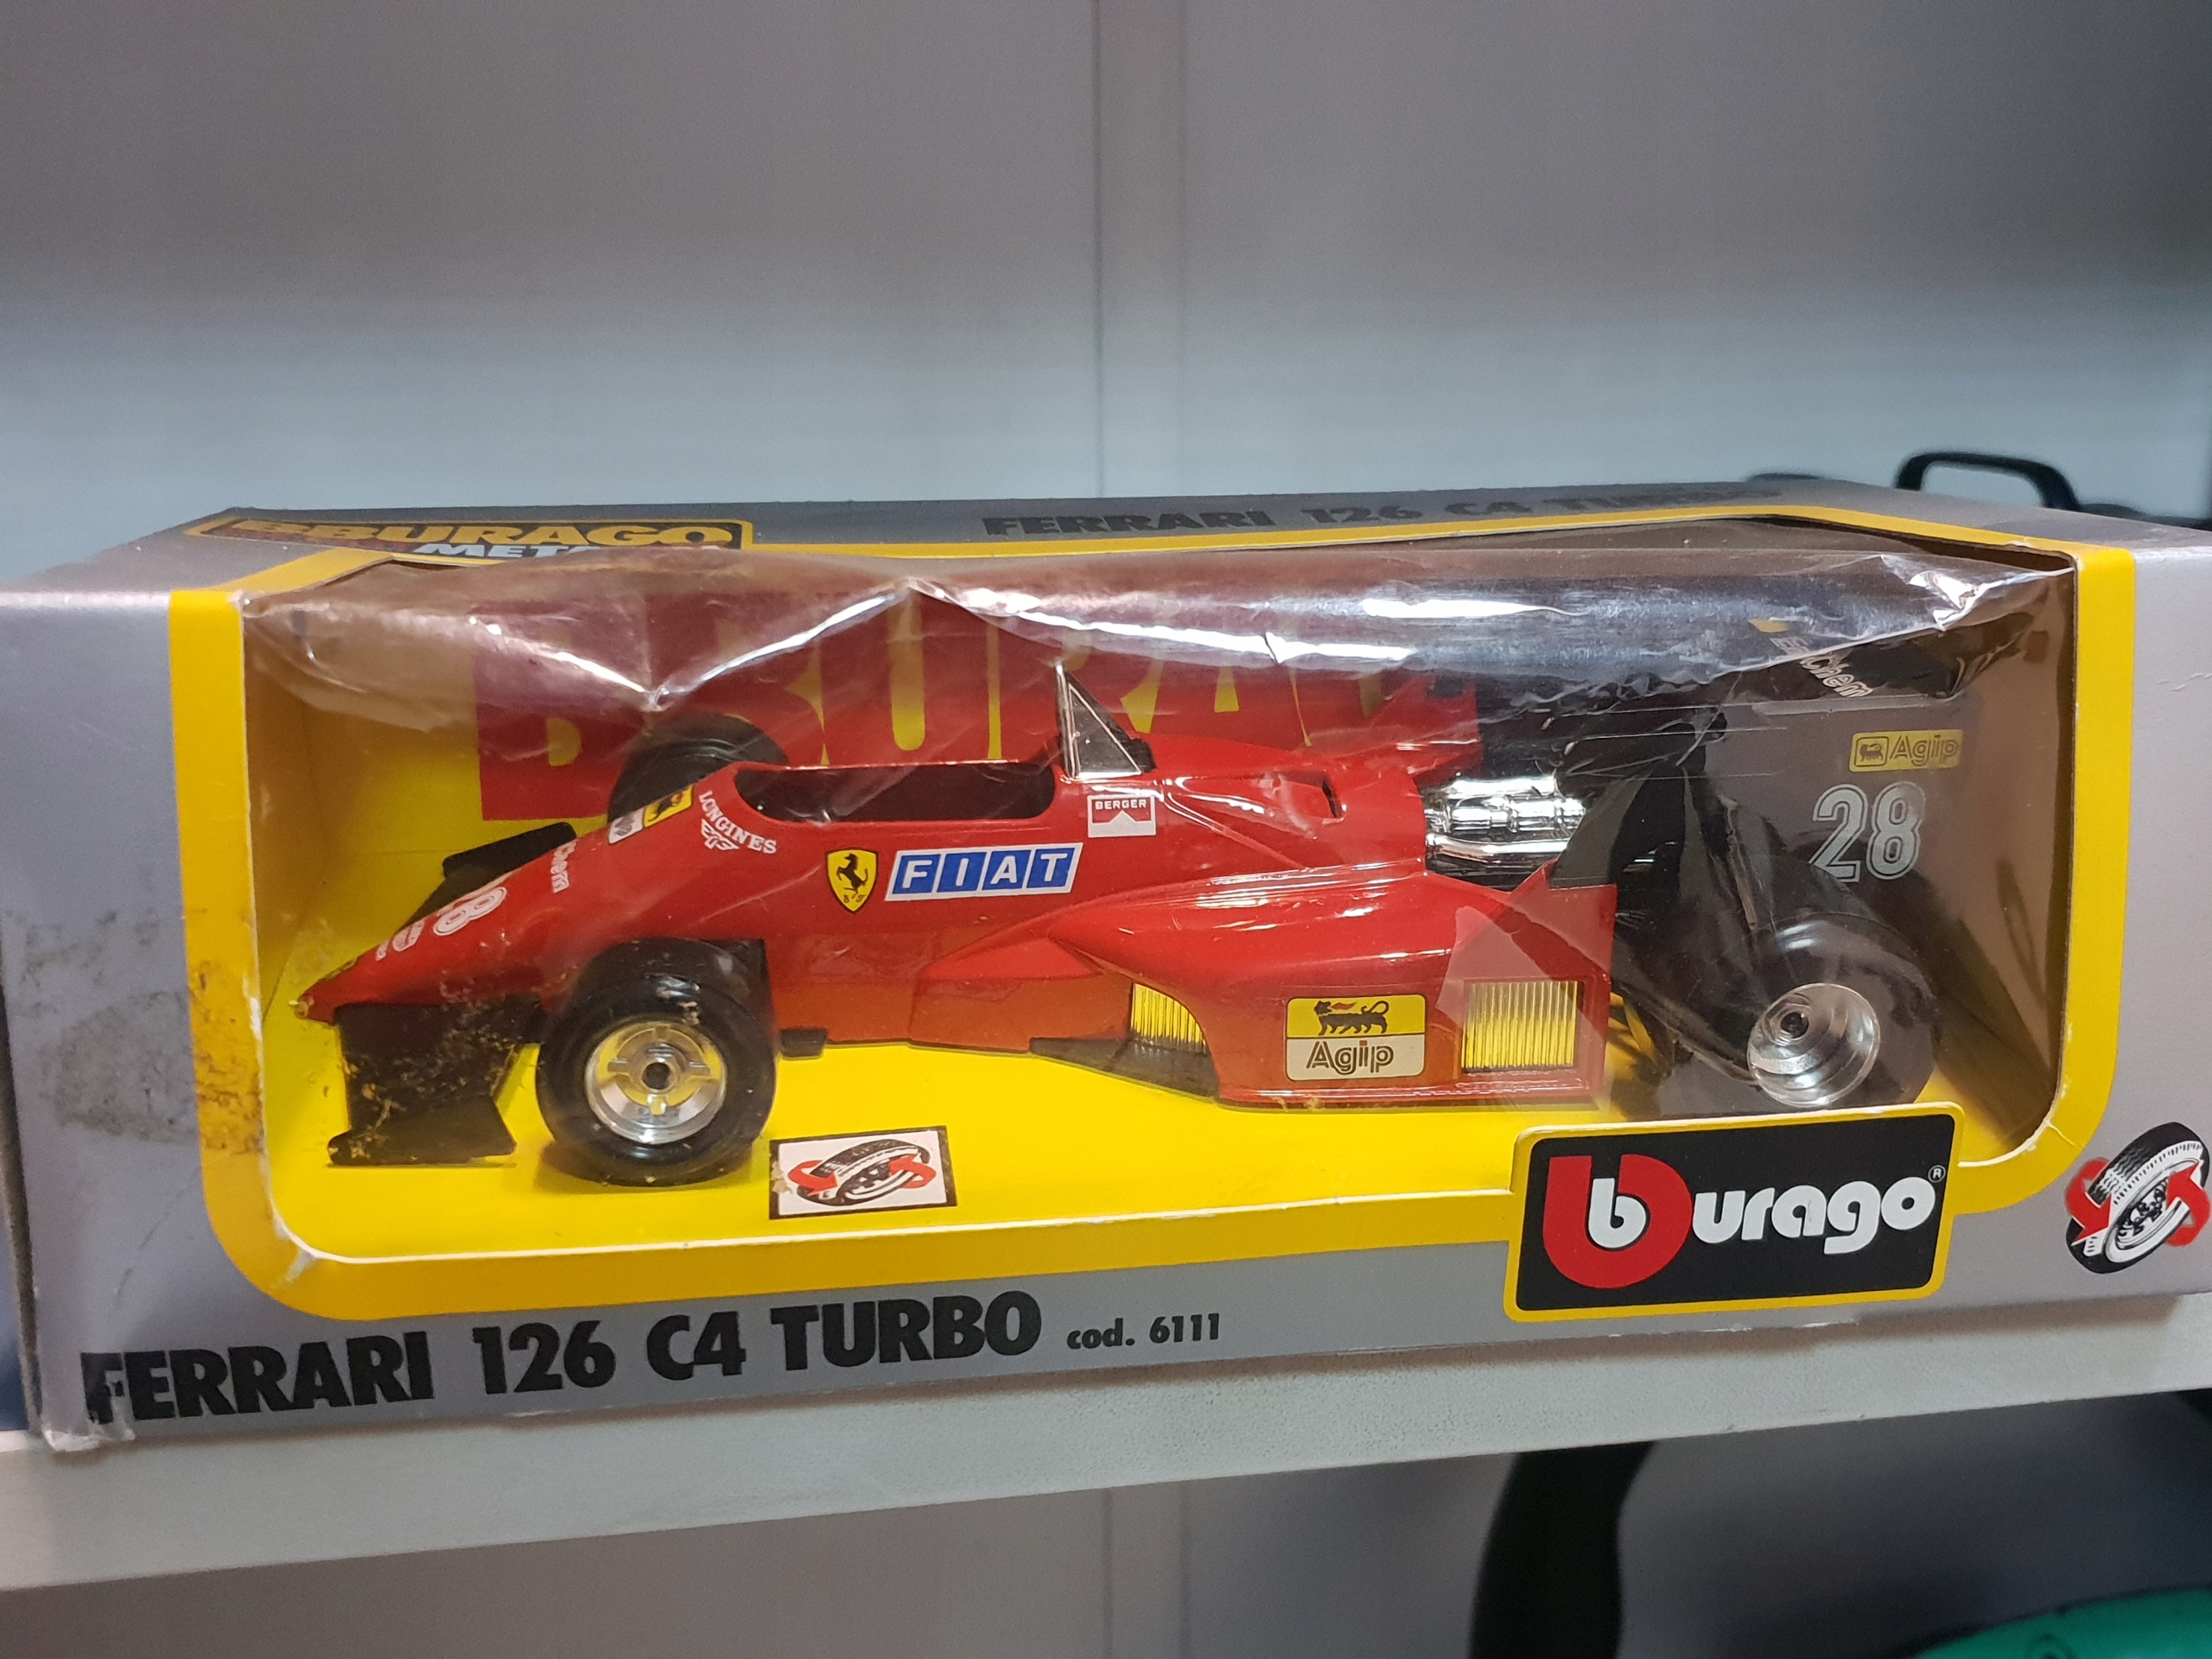 ferrari 126 C4 turbo burago 1:24